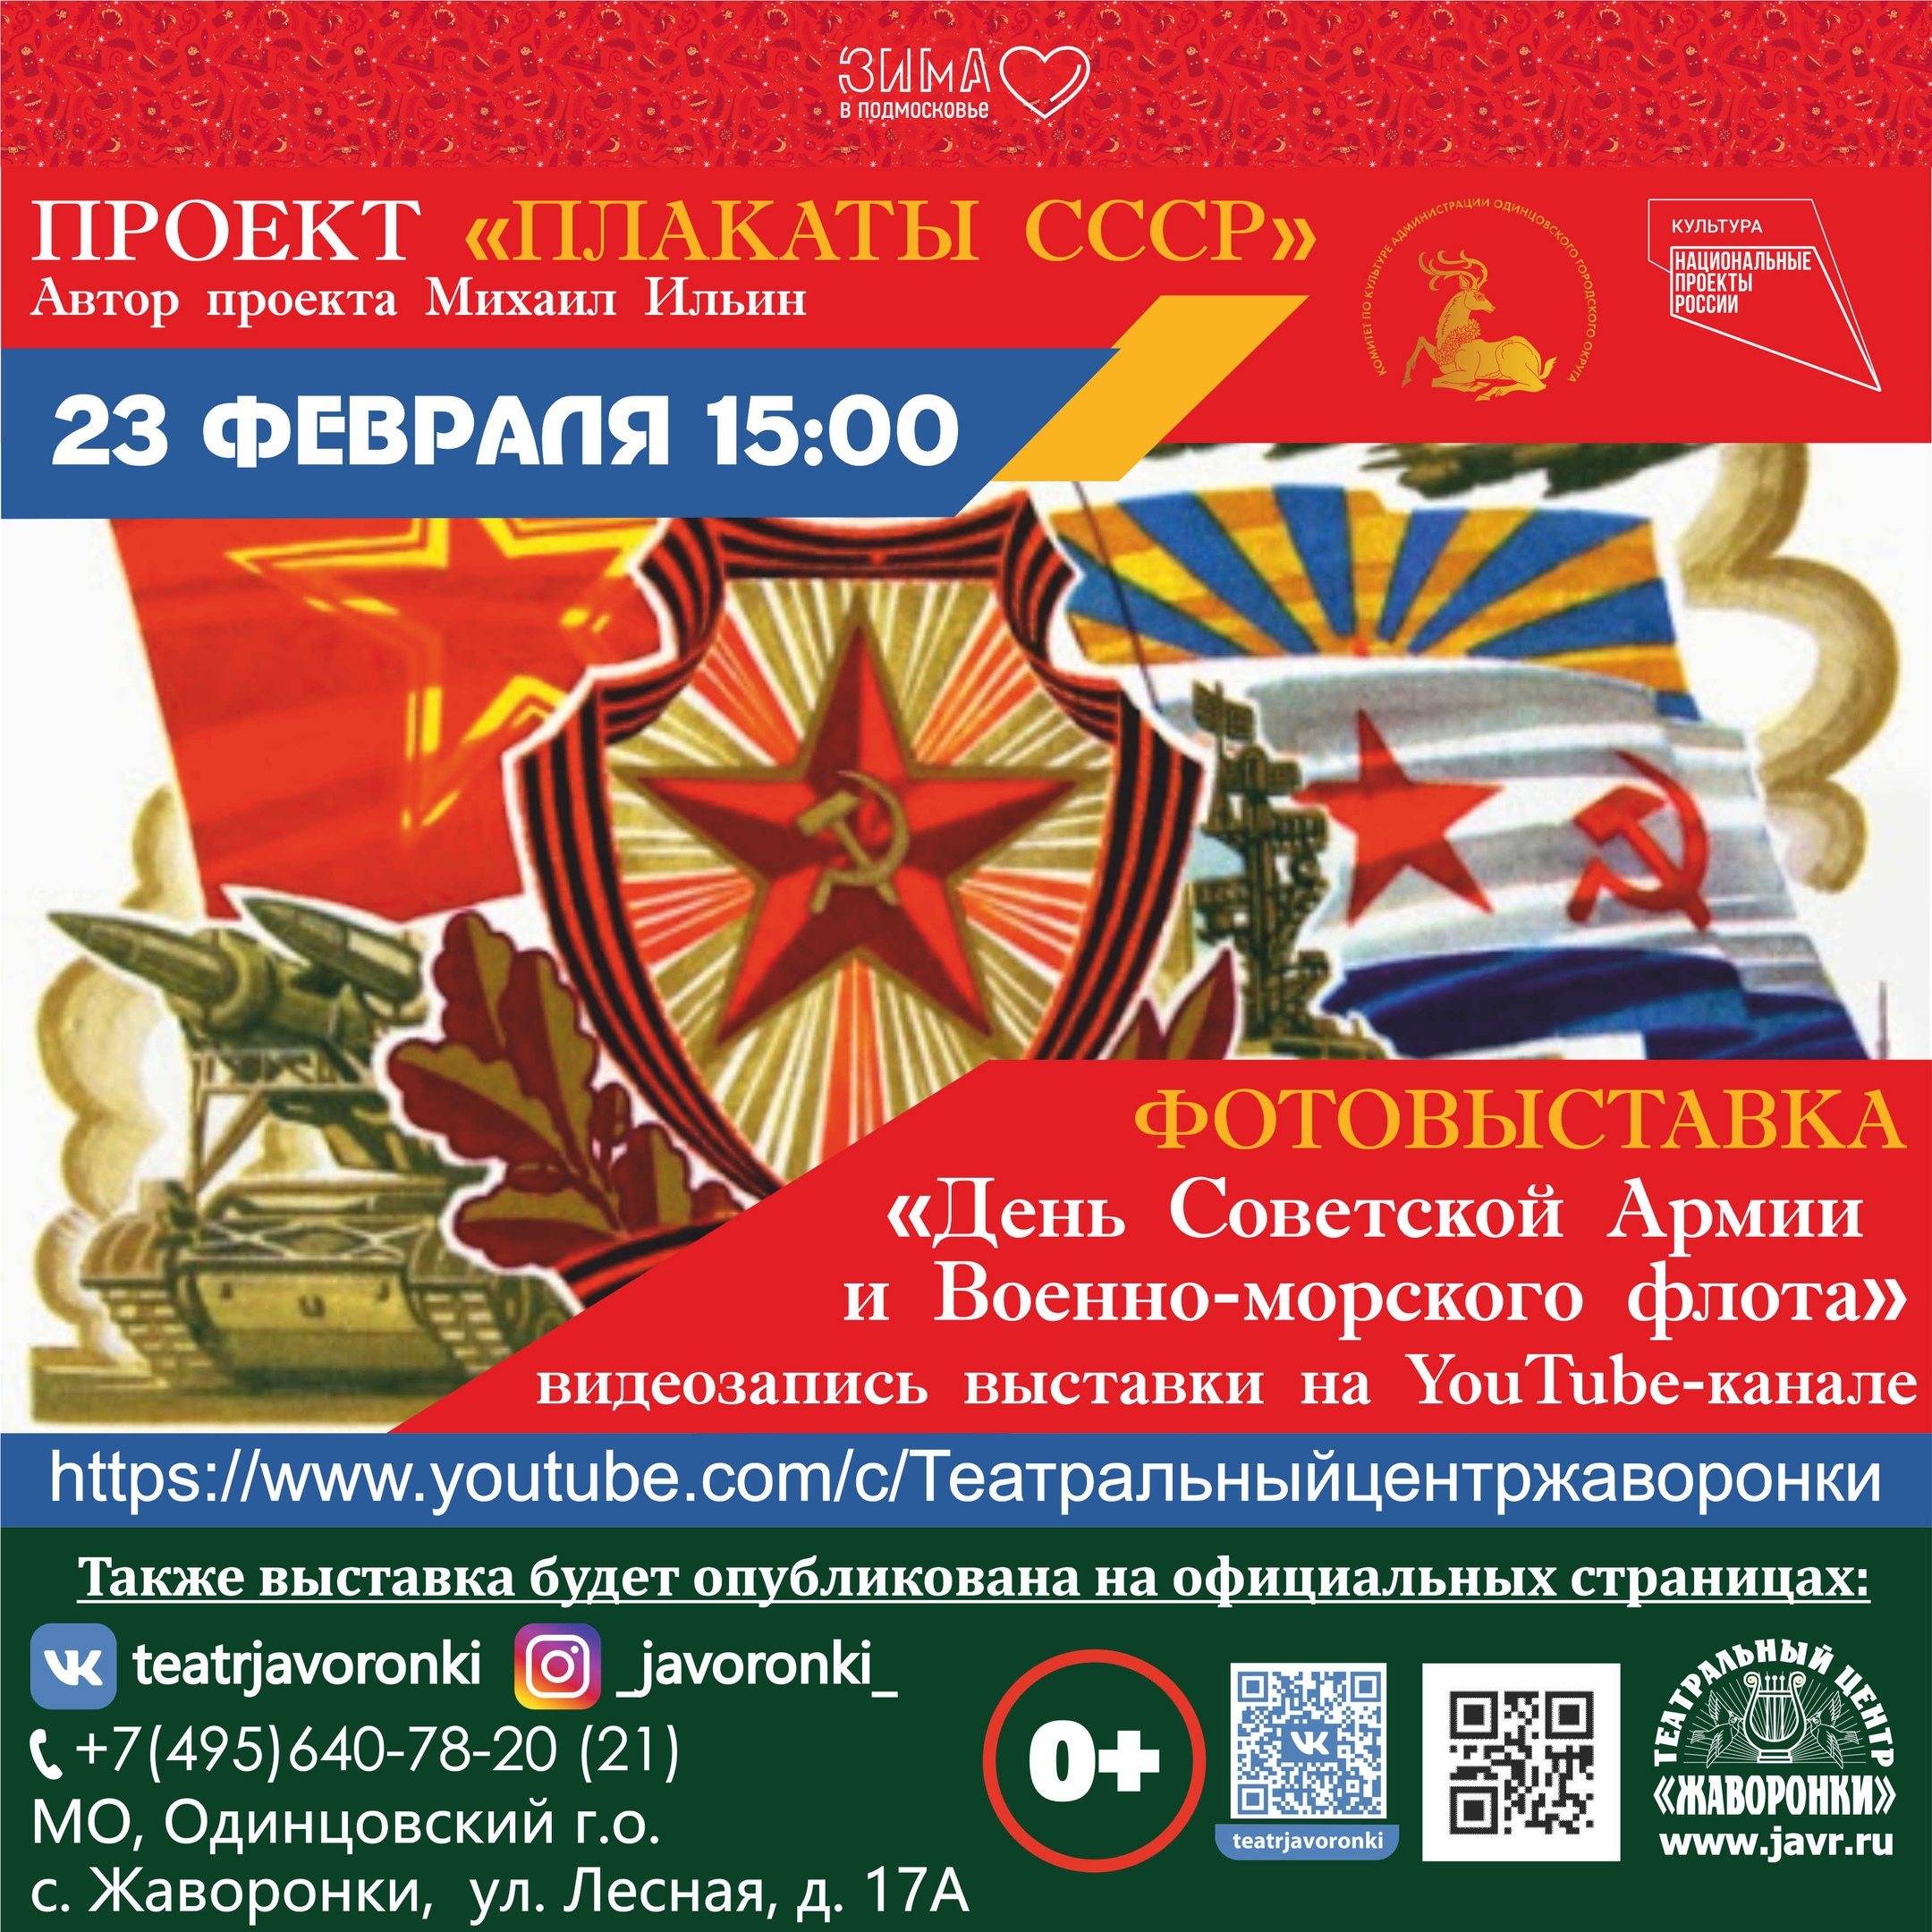 Трансляция фотовыставки «День Советской Армии и Военно-Морского флота»